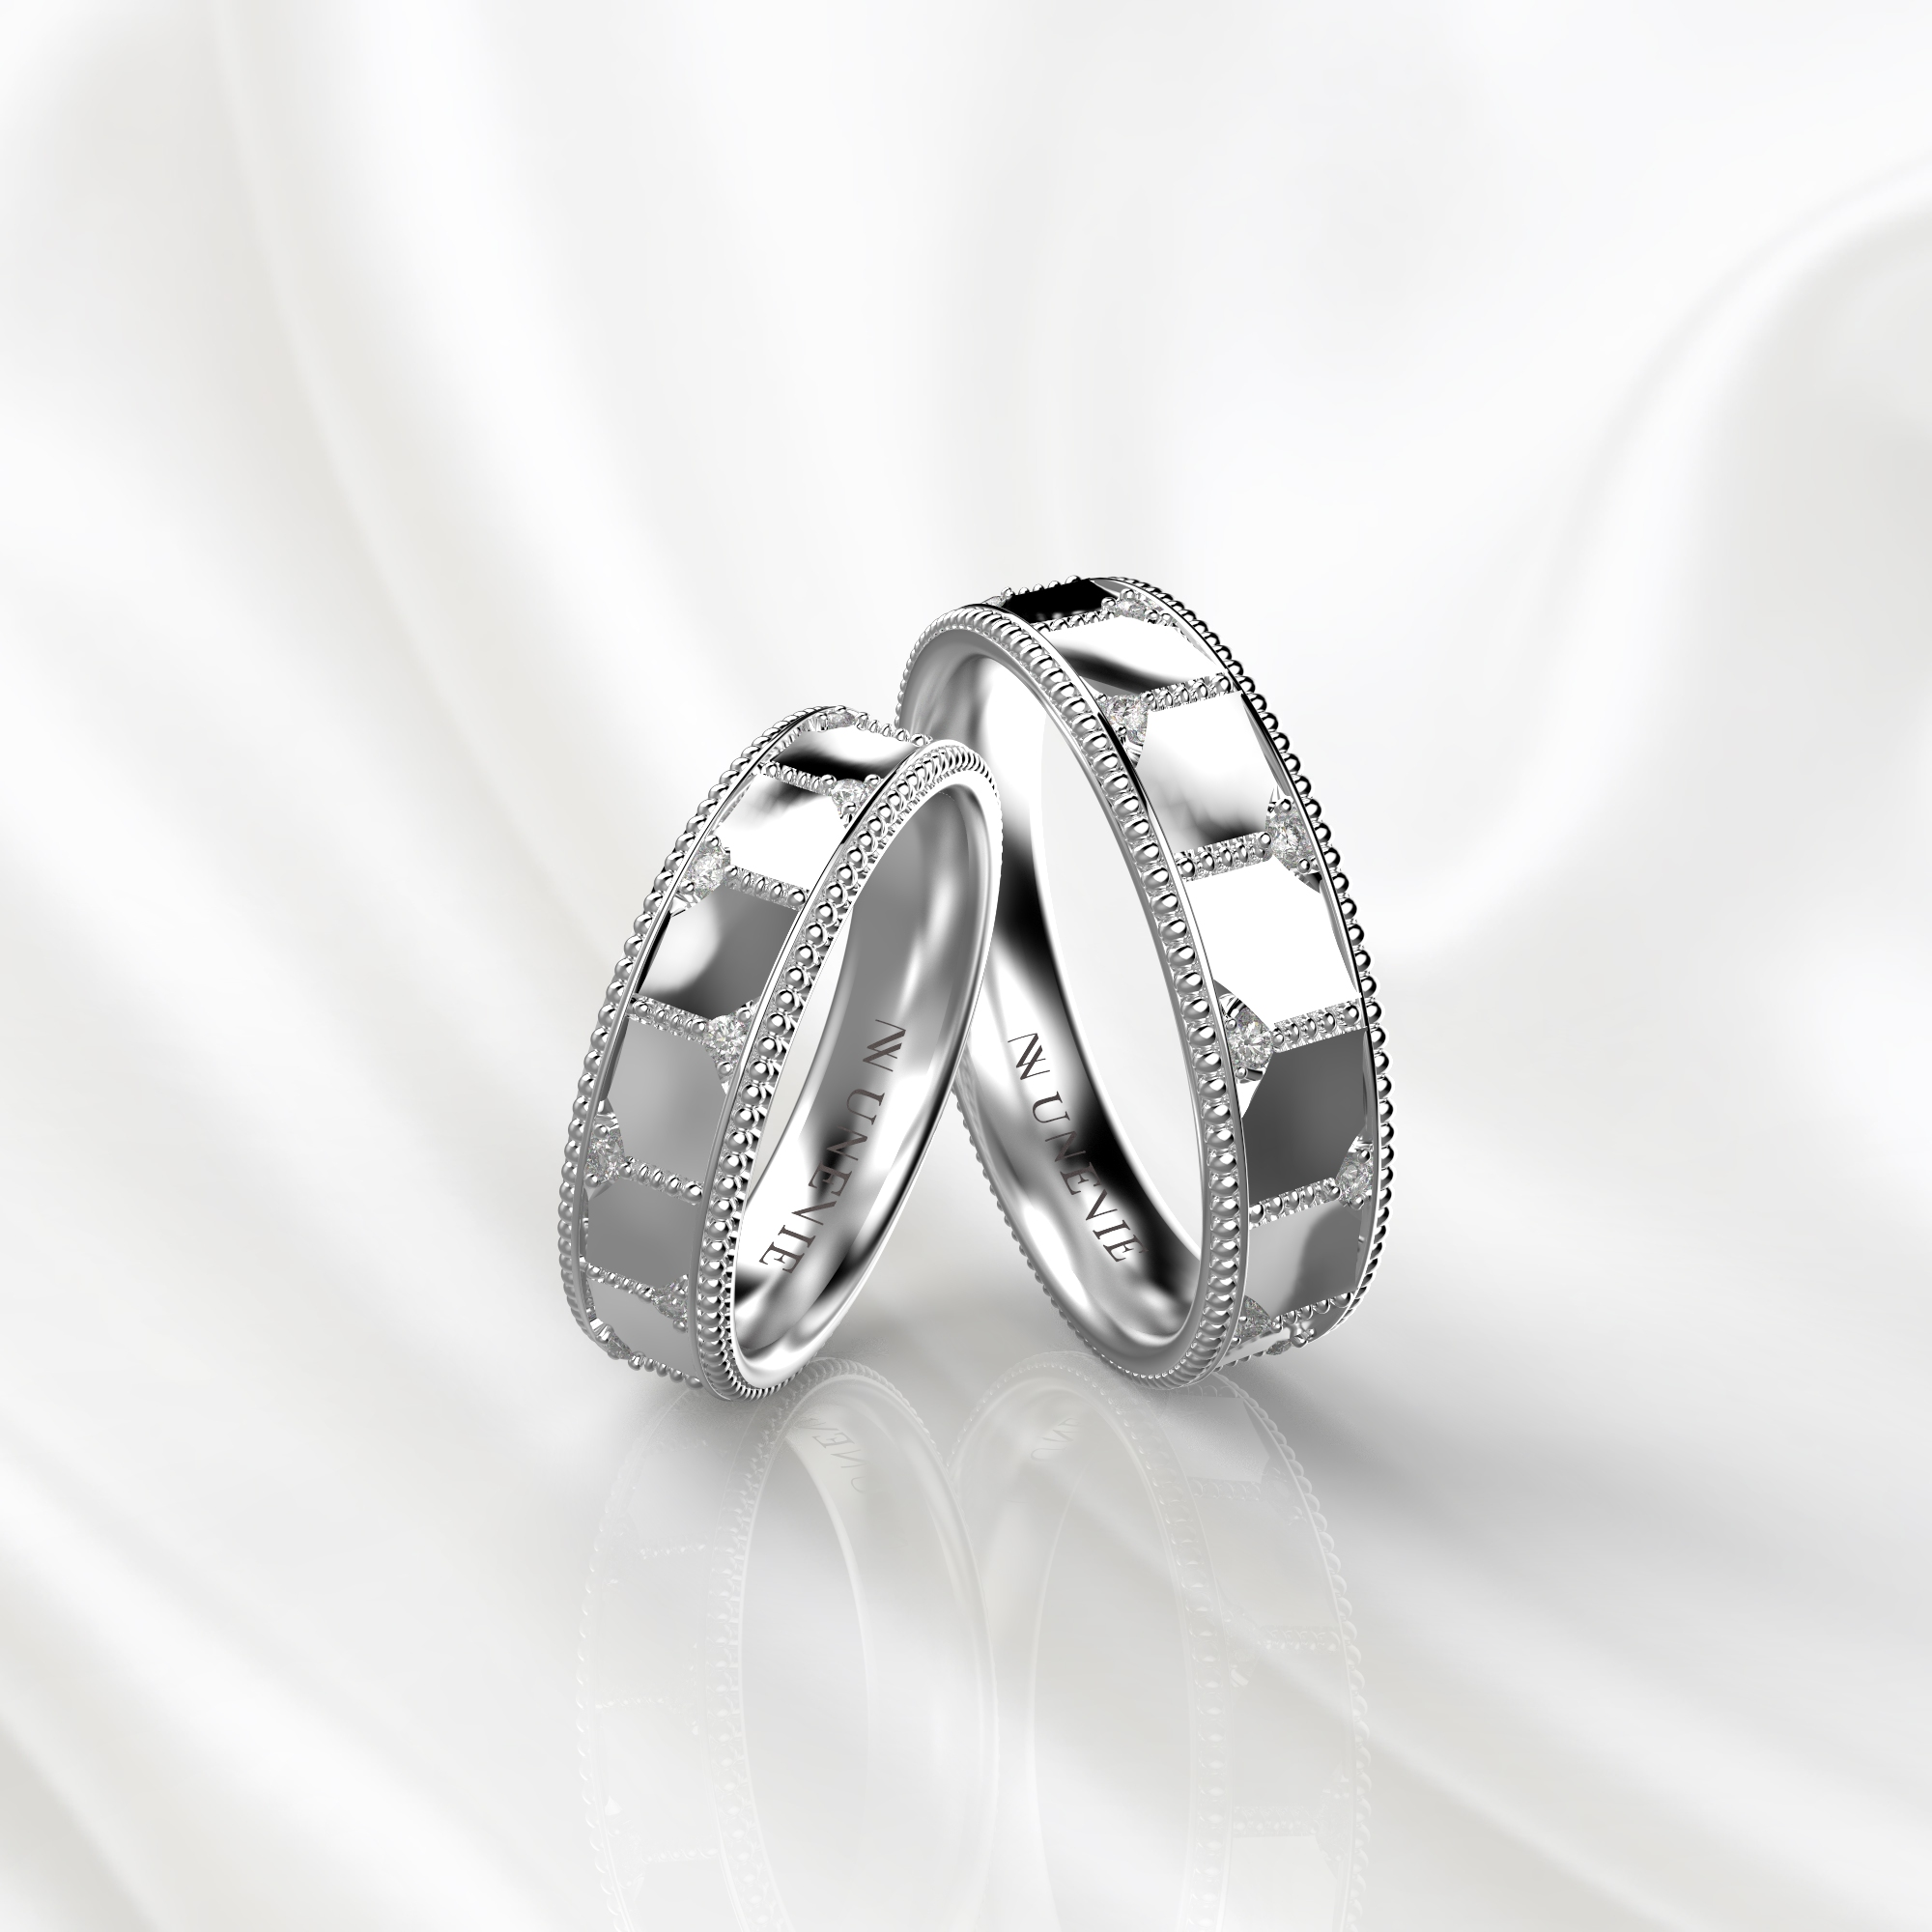 NV77 Парные обручальные кольца из белого золота с бриллиантами